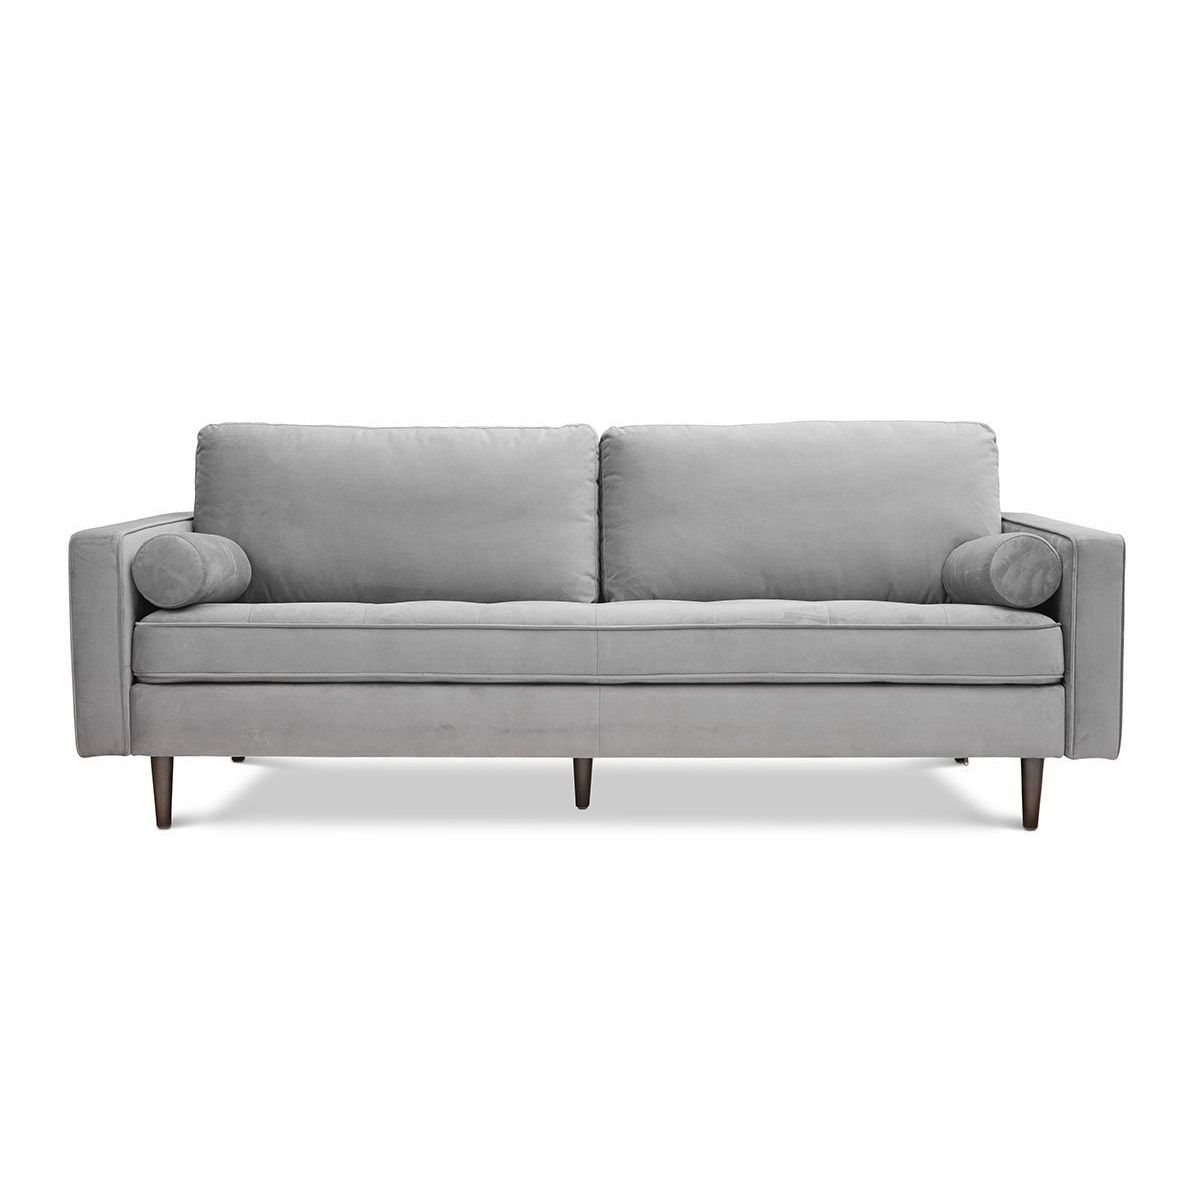 Jual Sofa Tamu Scandinavian Id Sof2 003 Murah Toko Furniture Online Mebel Sofa